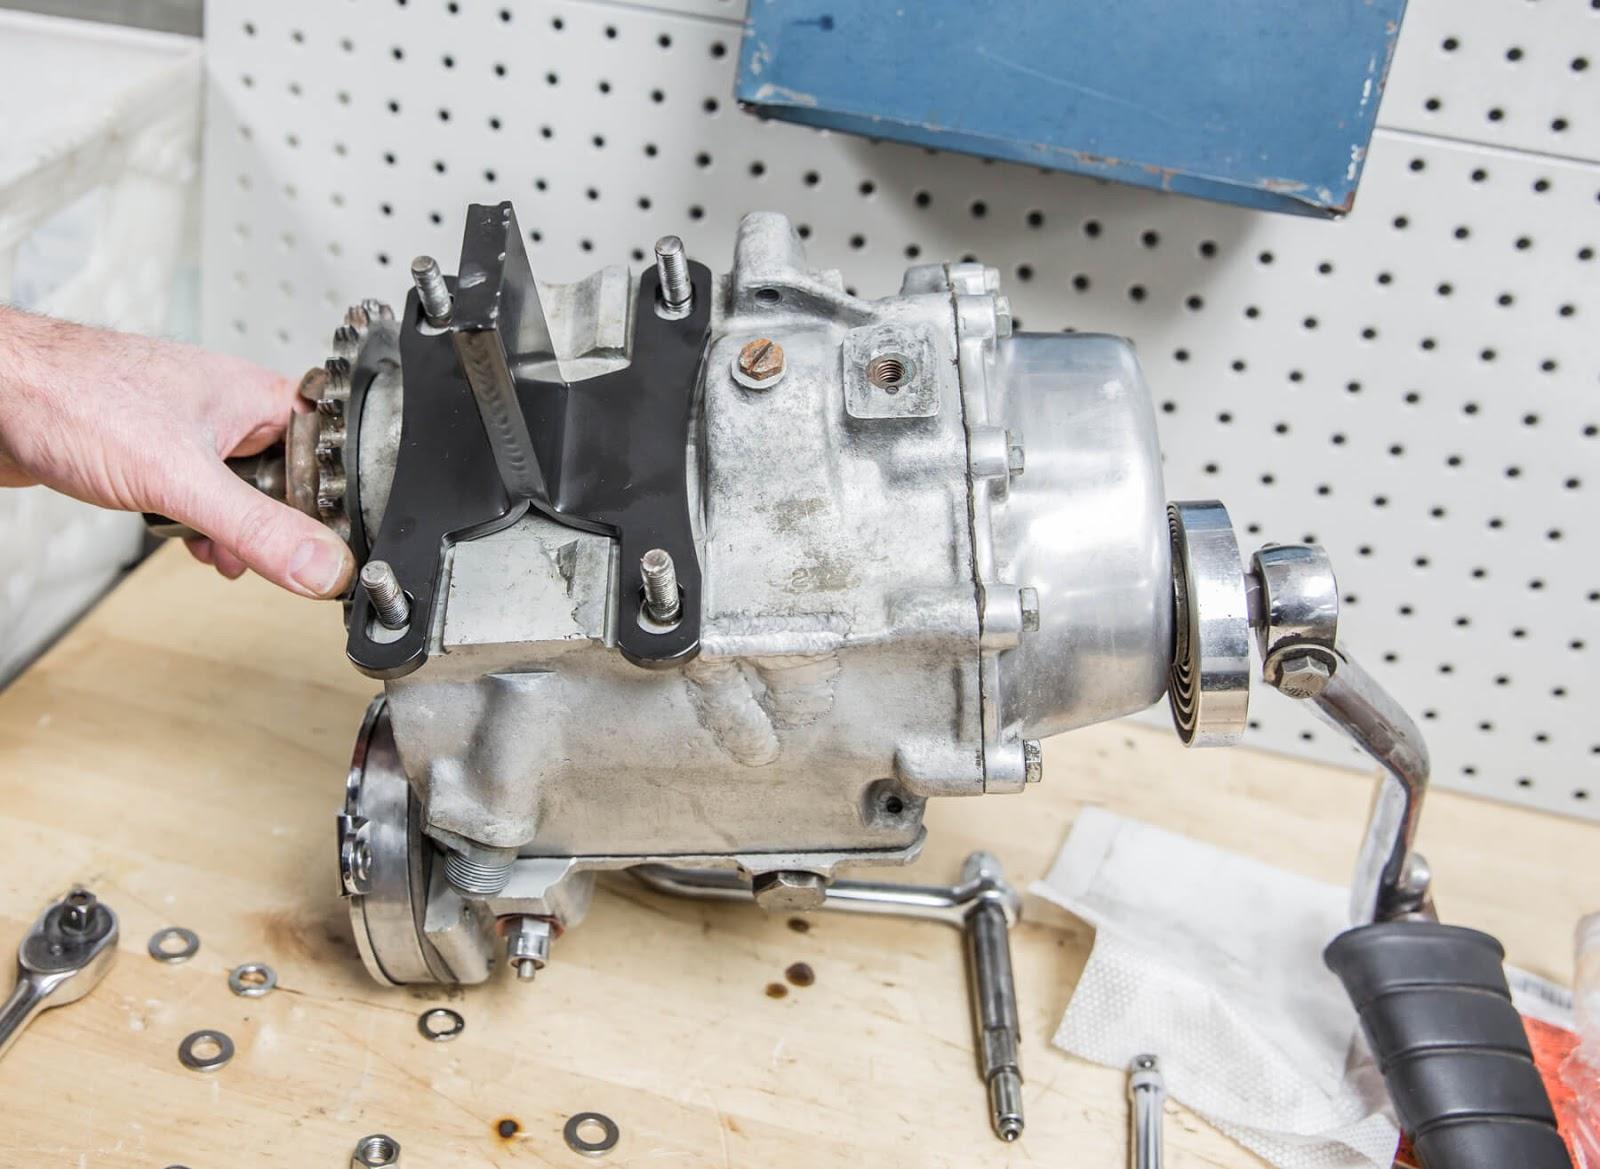 Harley Davidson Transmission: V-Twin News: Work Stand For Harley-Davidson Four Speed